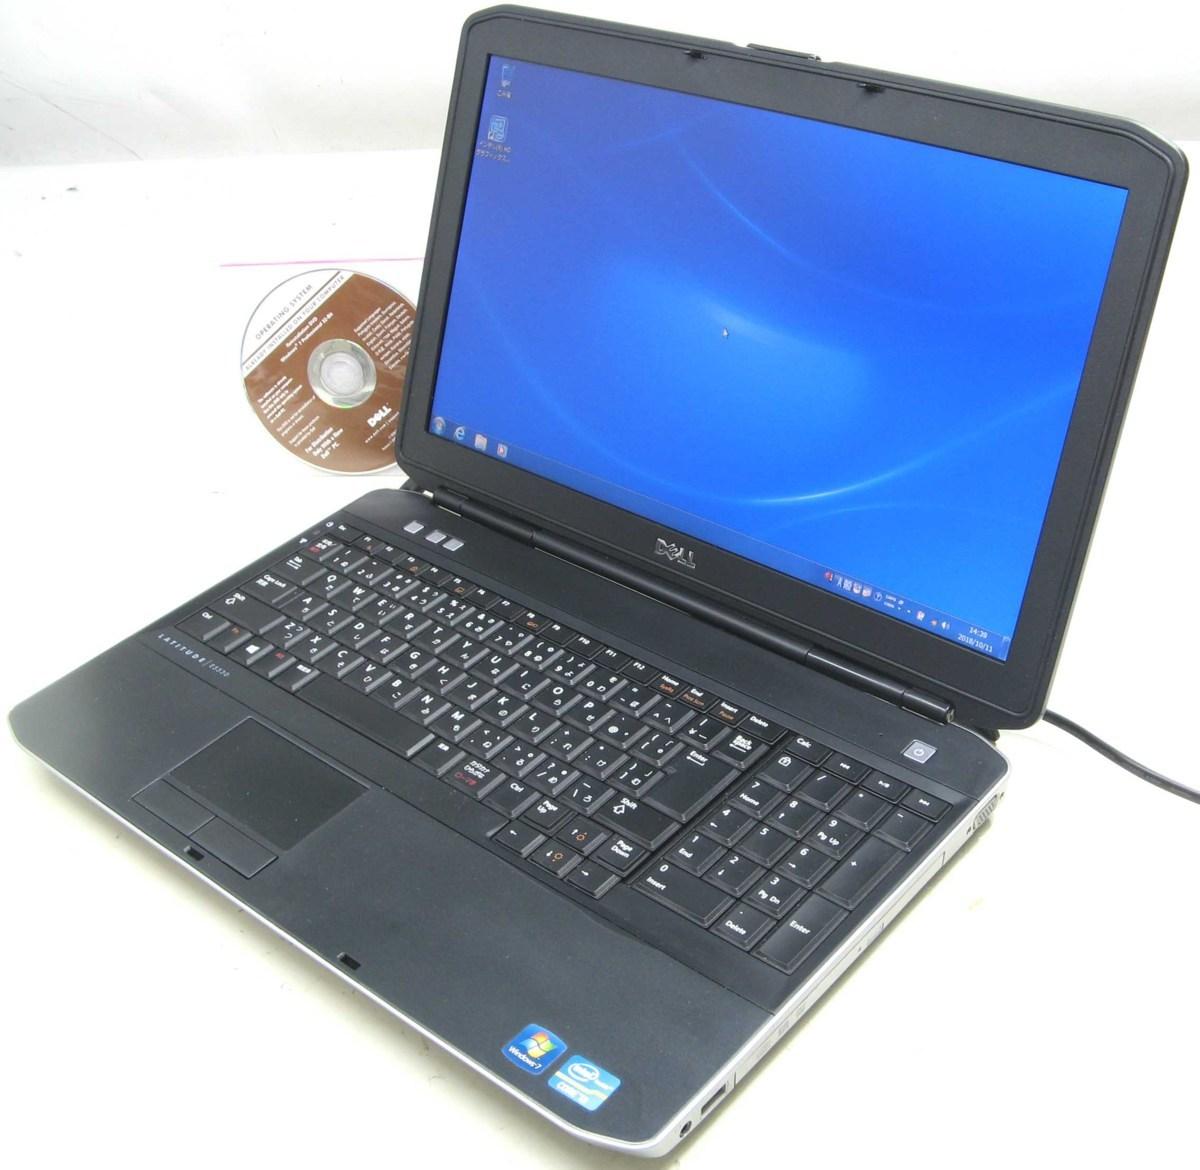 中古ノートパソコン DELL Latitude E5530-2400HD(デル Windows7 Corei3 HDMI出力端子 DVDスーパーマルチドライブ)【中古】【中古パソコン/中古PC】